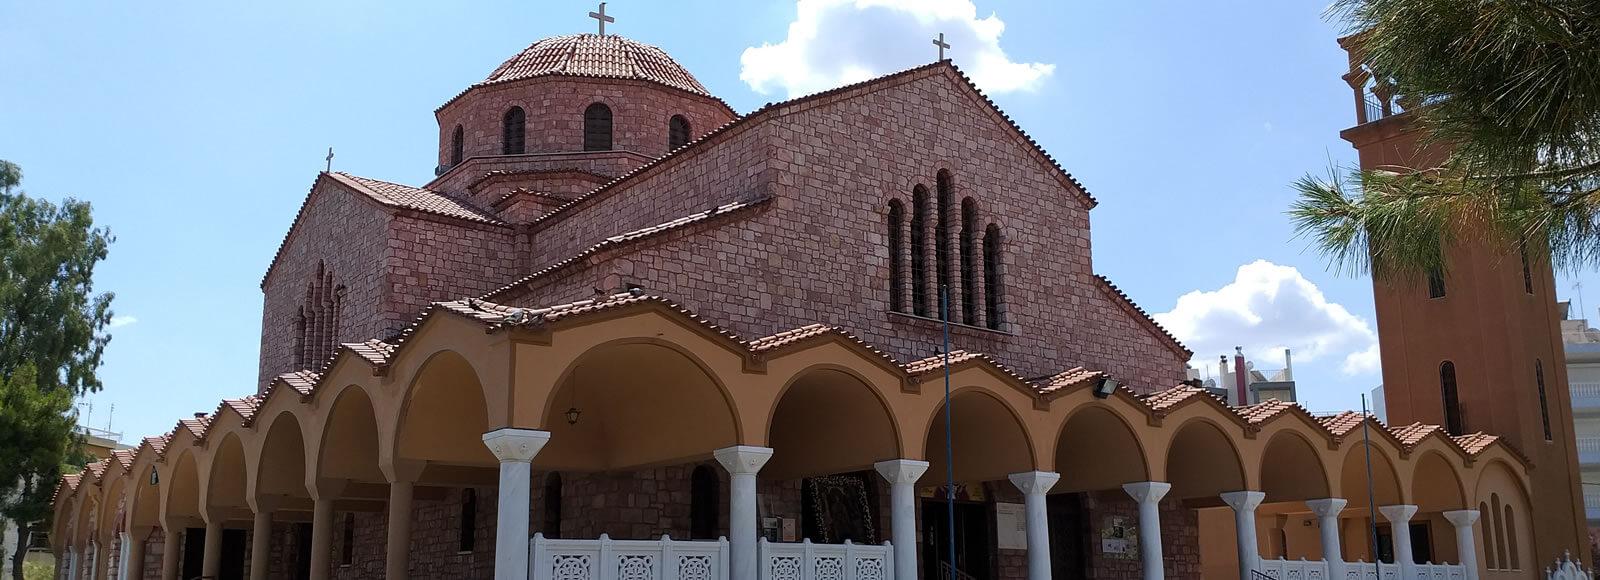 Φανερωμένη Χολαργού Πρόγραμμα εορτασμού ιερού ναού